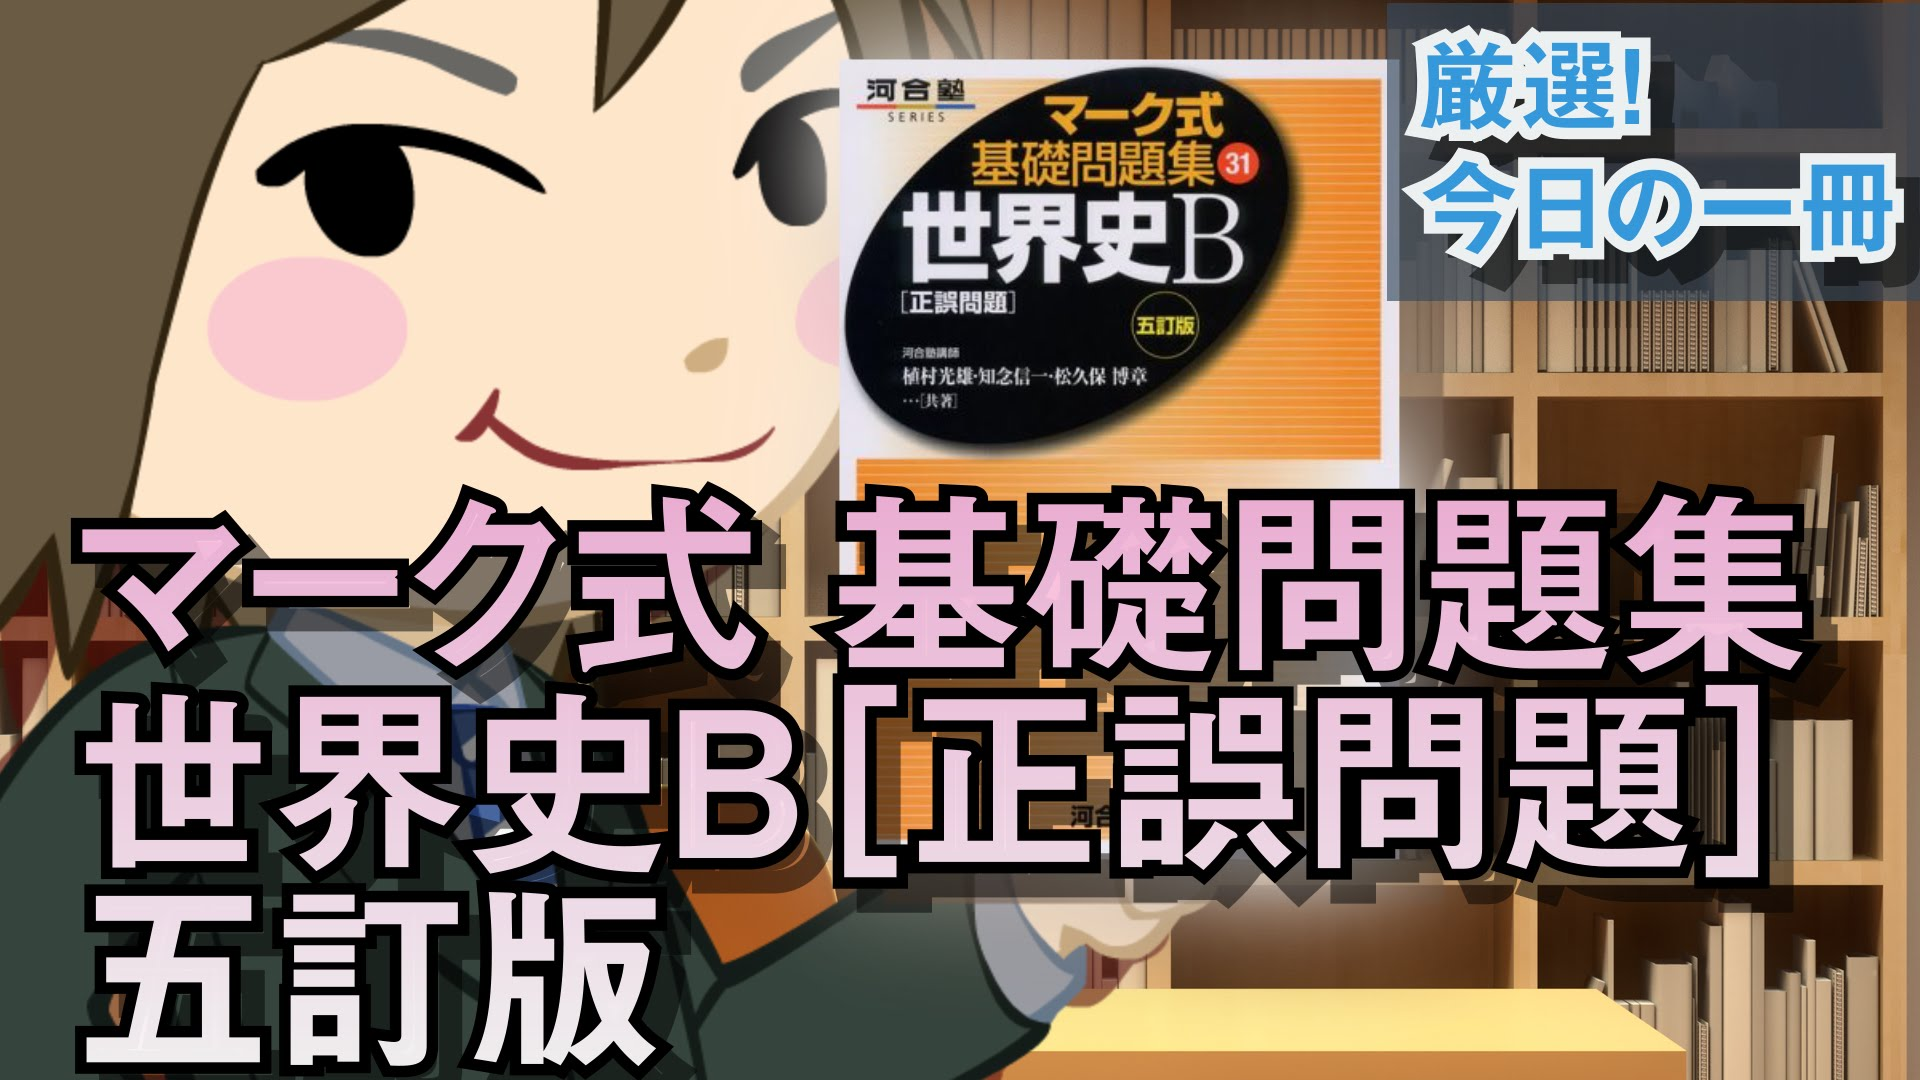 マーク式基礎問題集 30 世界史B 五訂版|武田塾厳選!今日の一冊